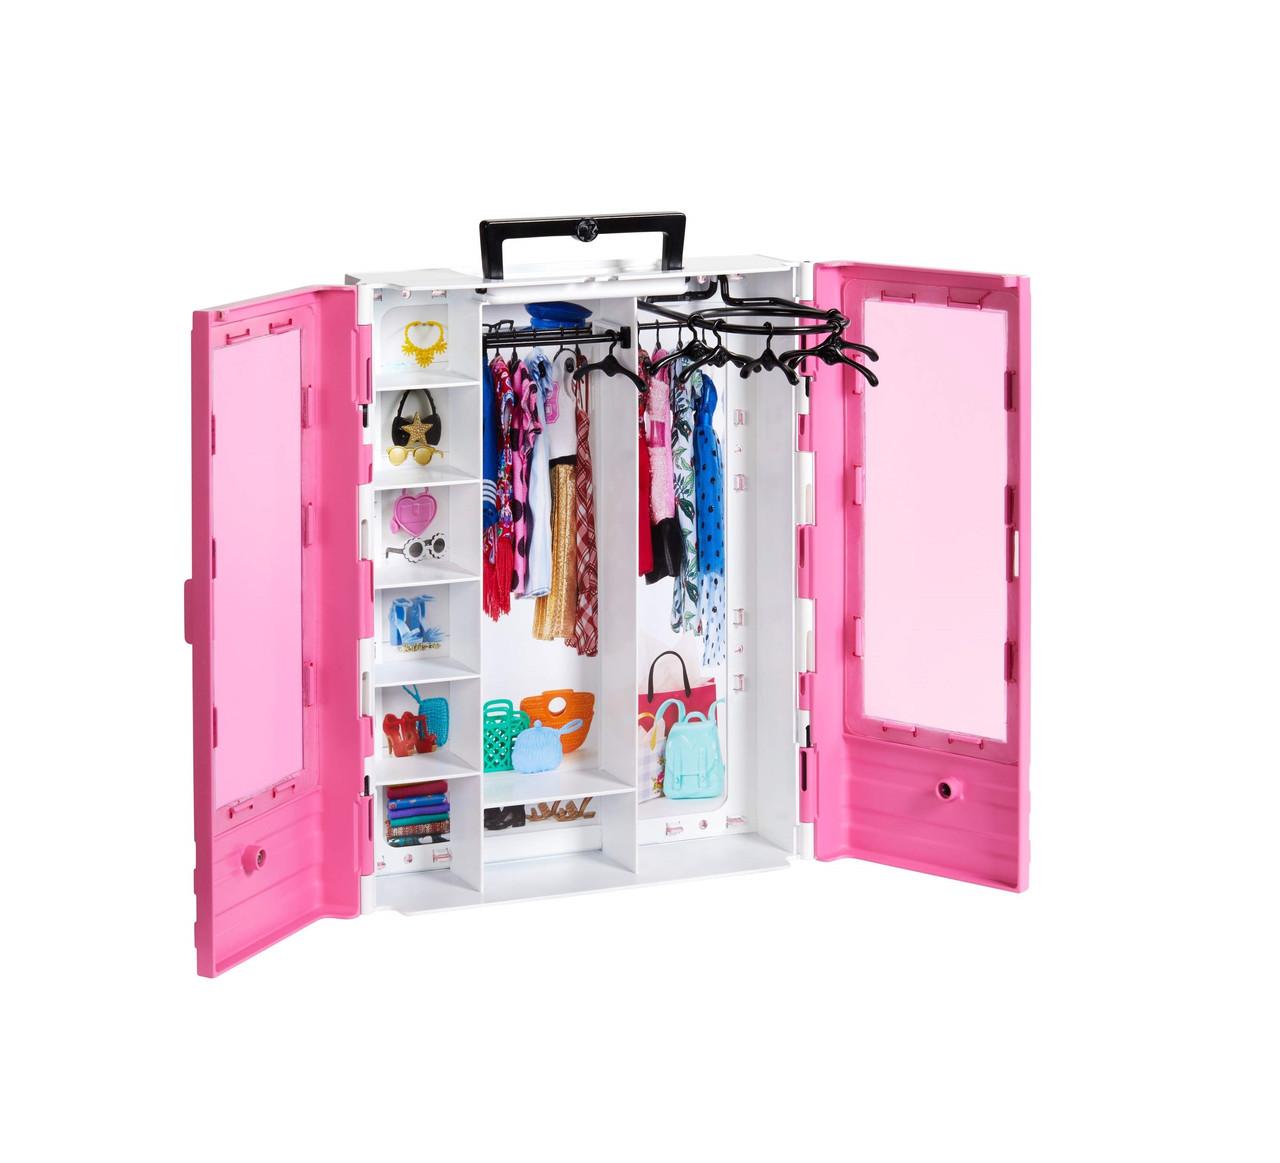 Оригинальный Гардероб для Барби БЕЗ ОДЕЖДЫ! Barbie Fashionistas Ultimate Closet Accessory (GBK11)